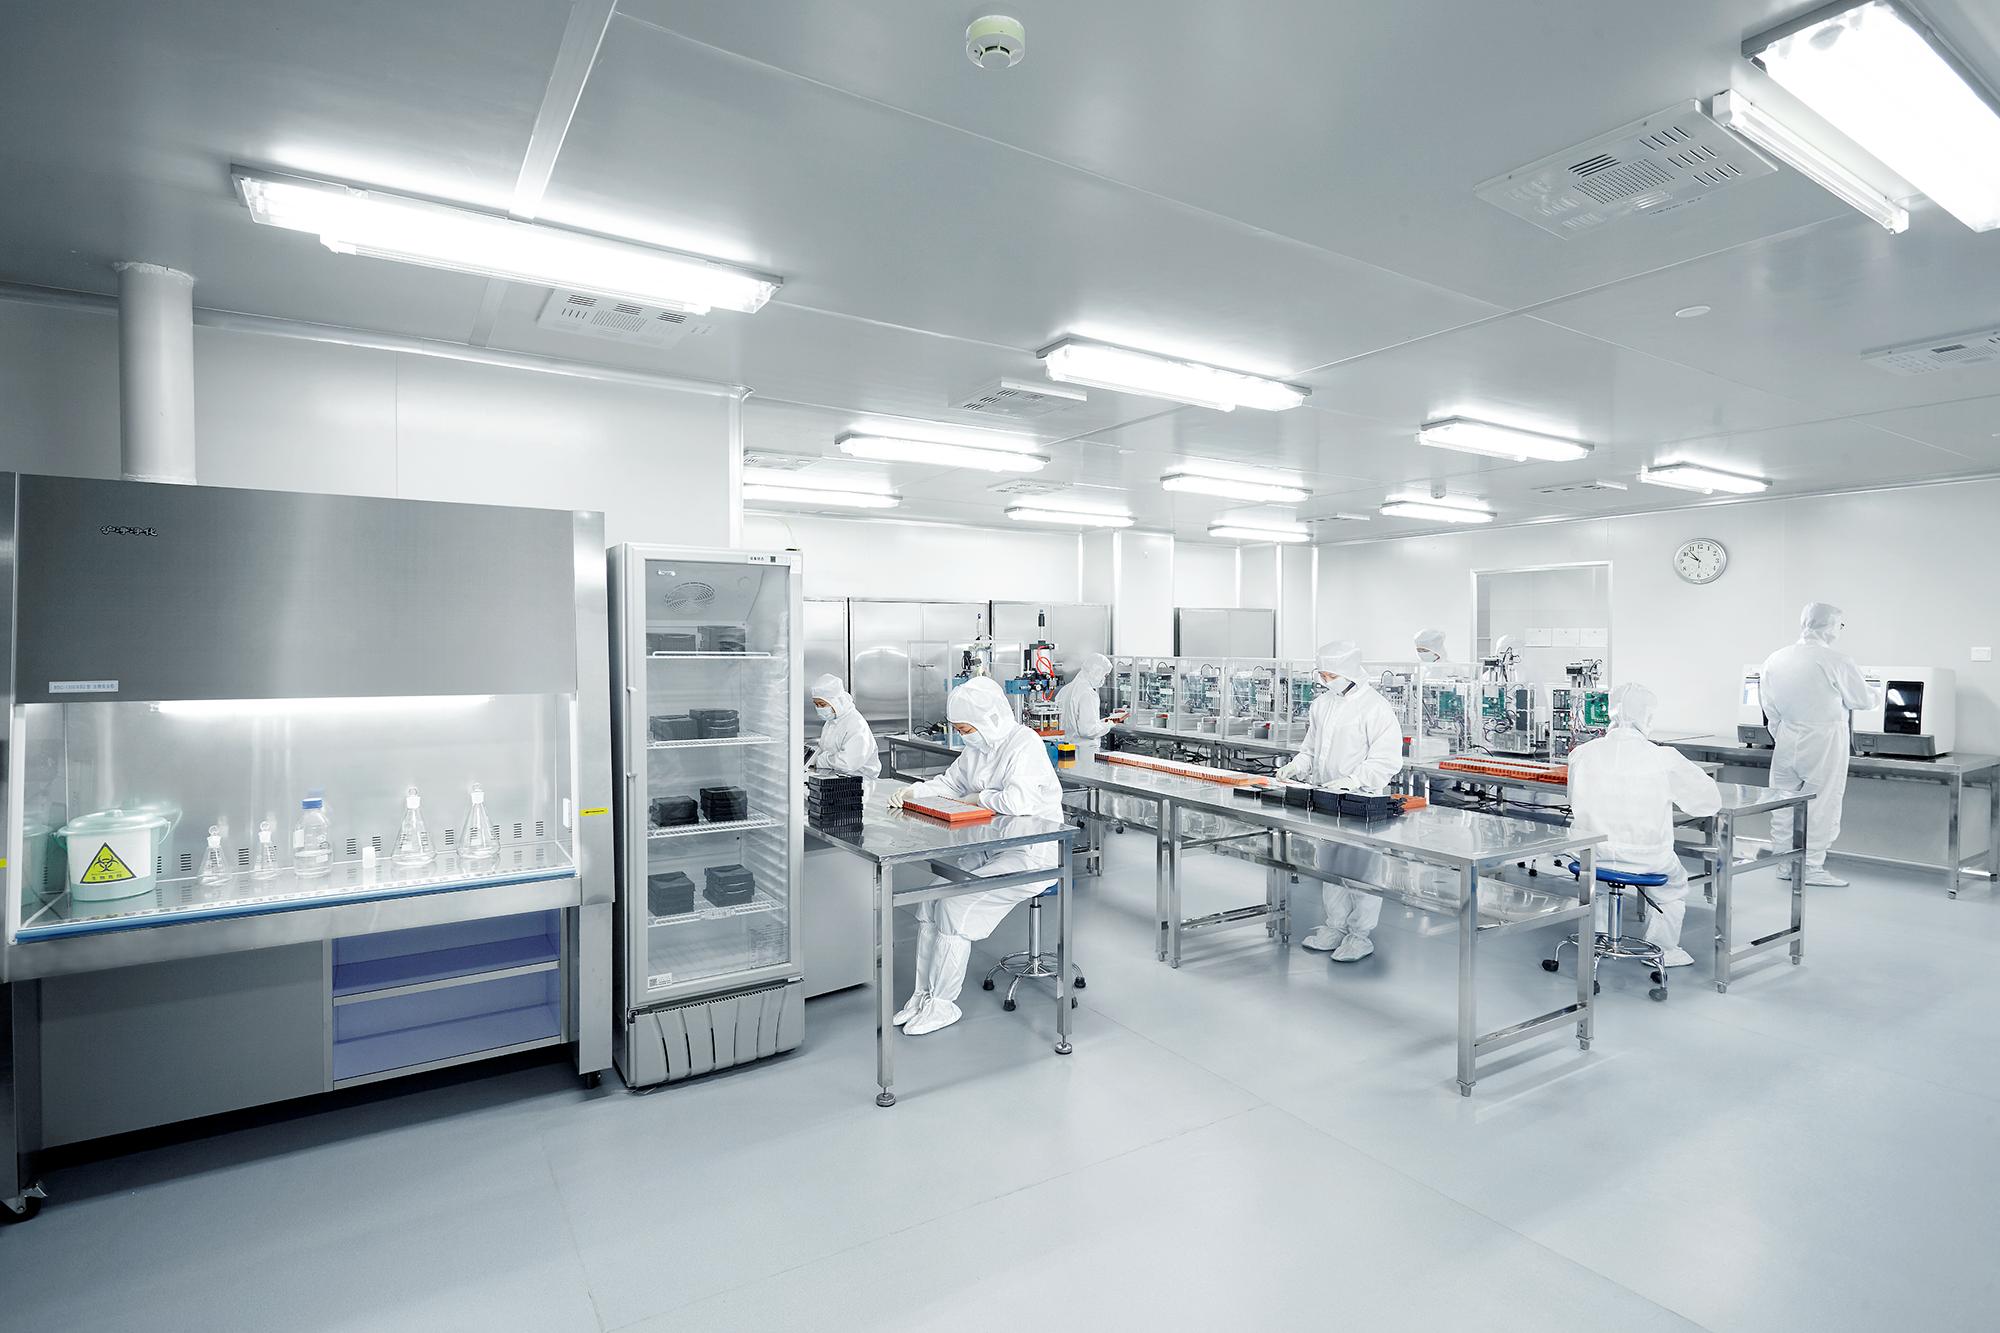 喜报|国赛生物入选第四批省级工业设计中心名单